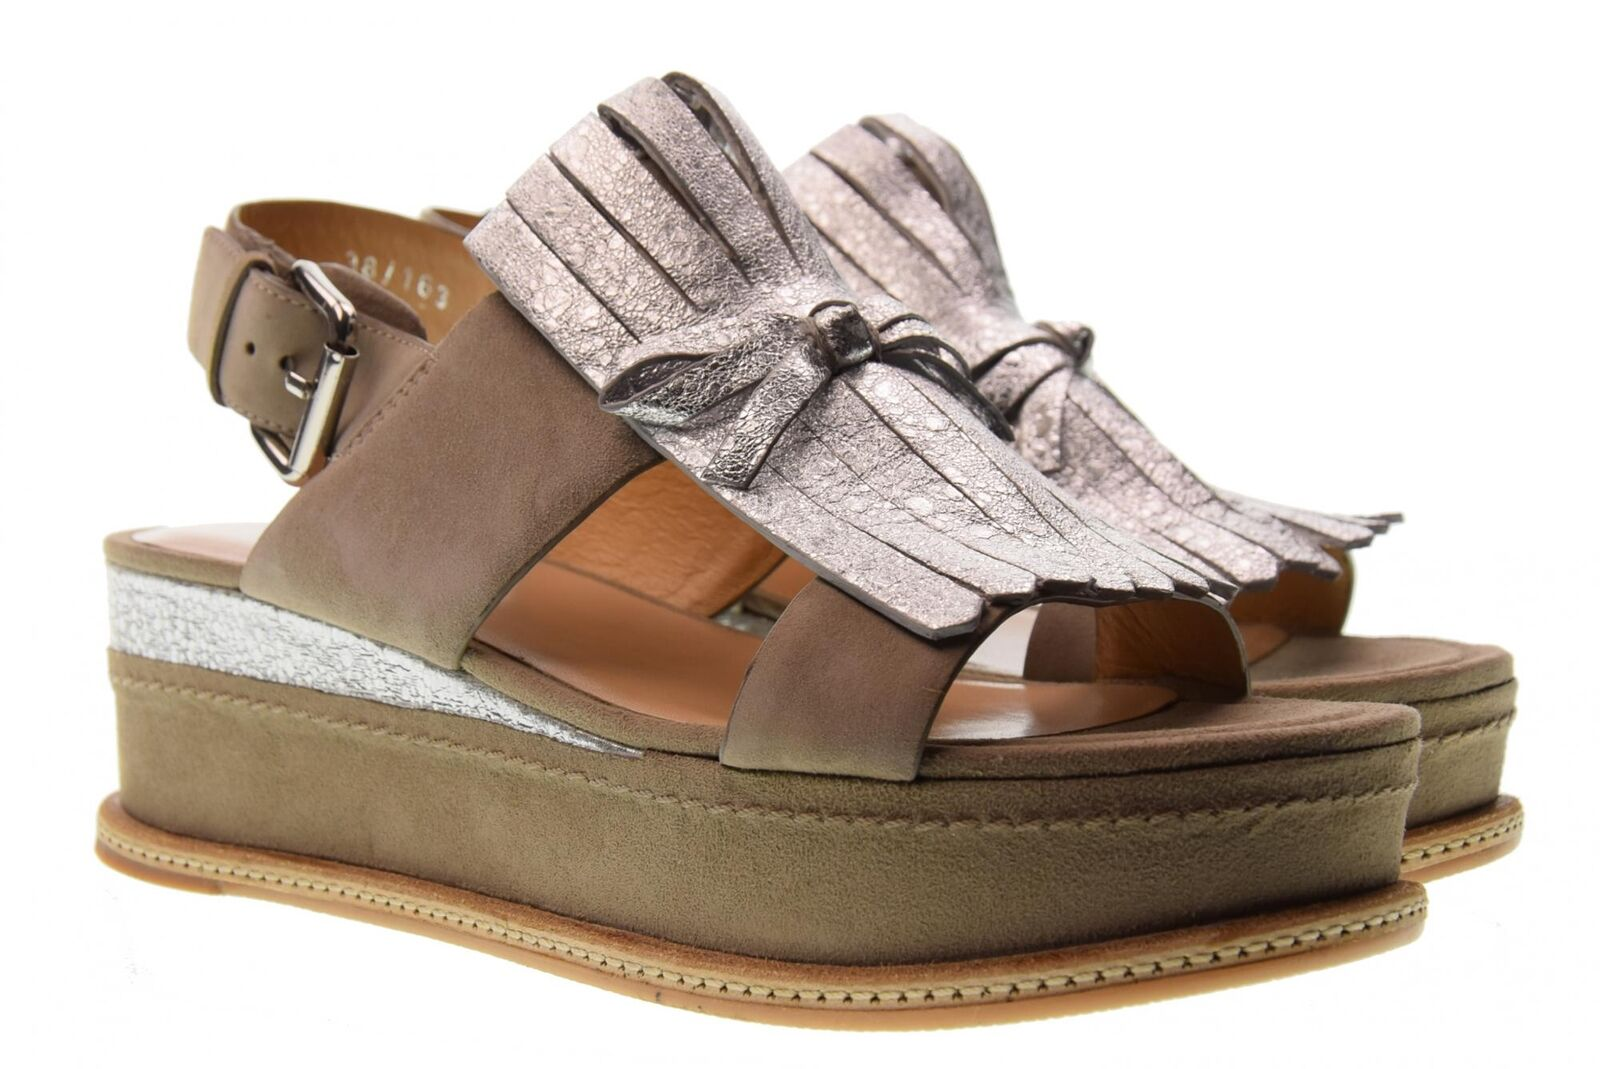 Adele Dezotti P18s P18s P18s sandalias femmes con argentforma P0700N 6cb79f